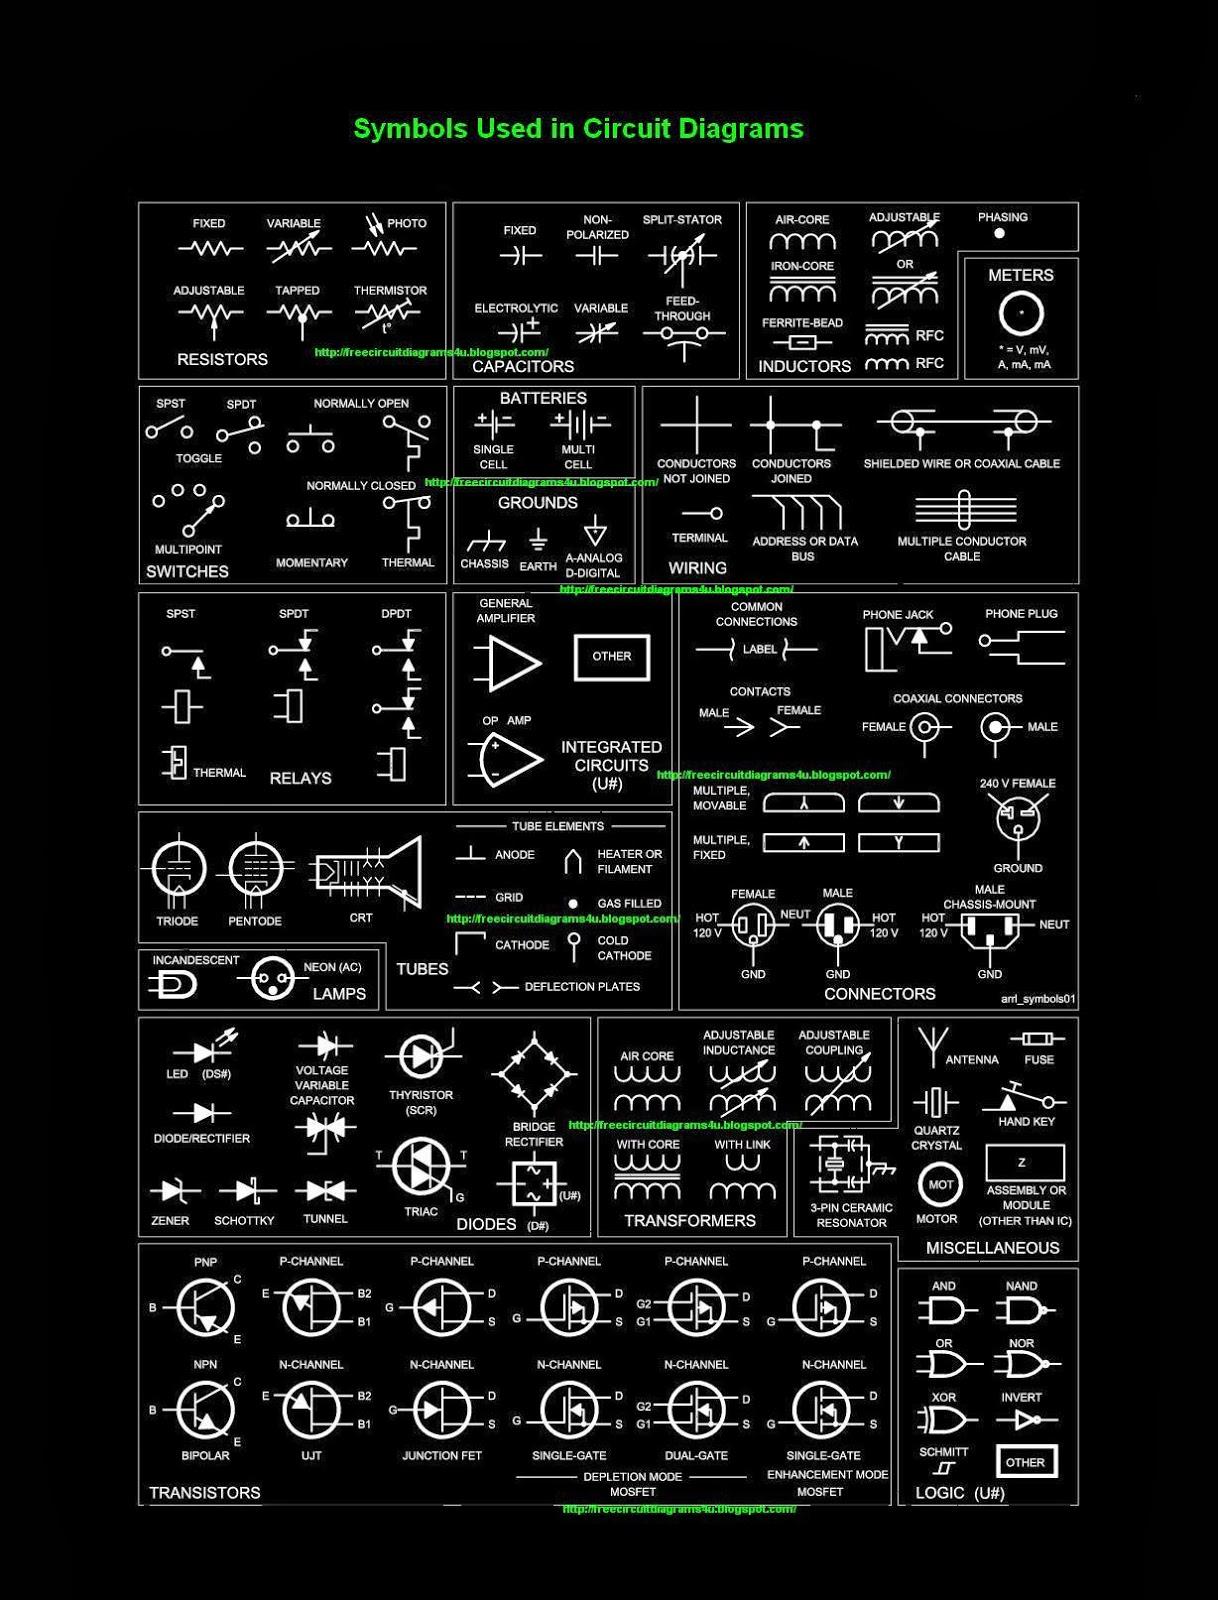 FREE CIRCUIT DIAGRAMS 4U: Symbols used in Circuit Diagrams